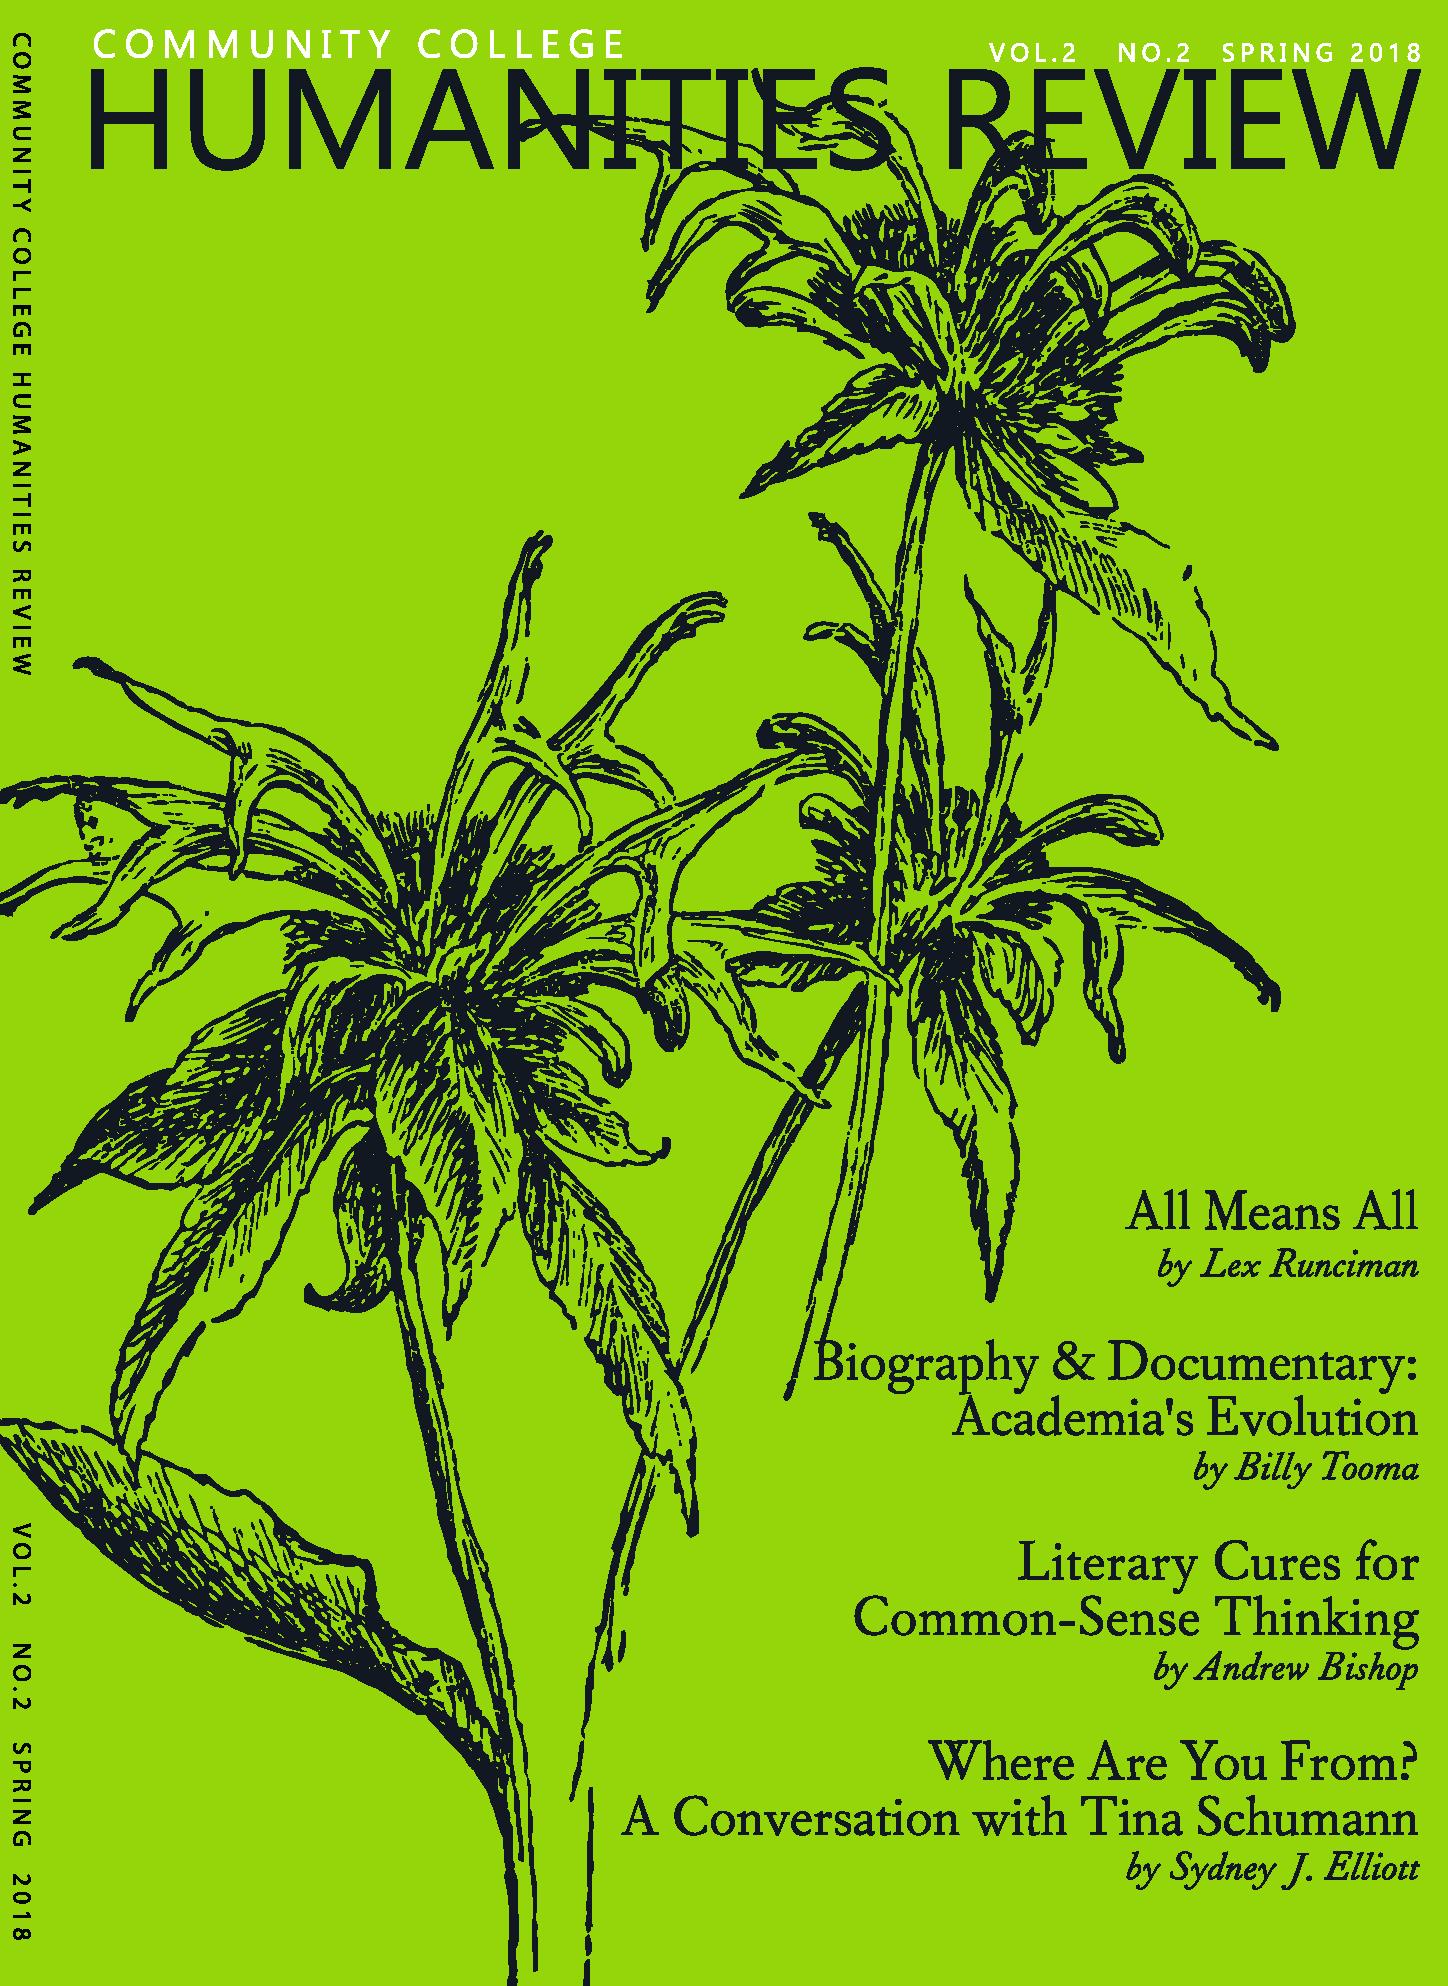 CCHR Cover- Spring 2018